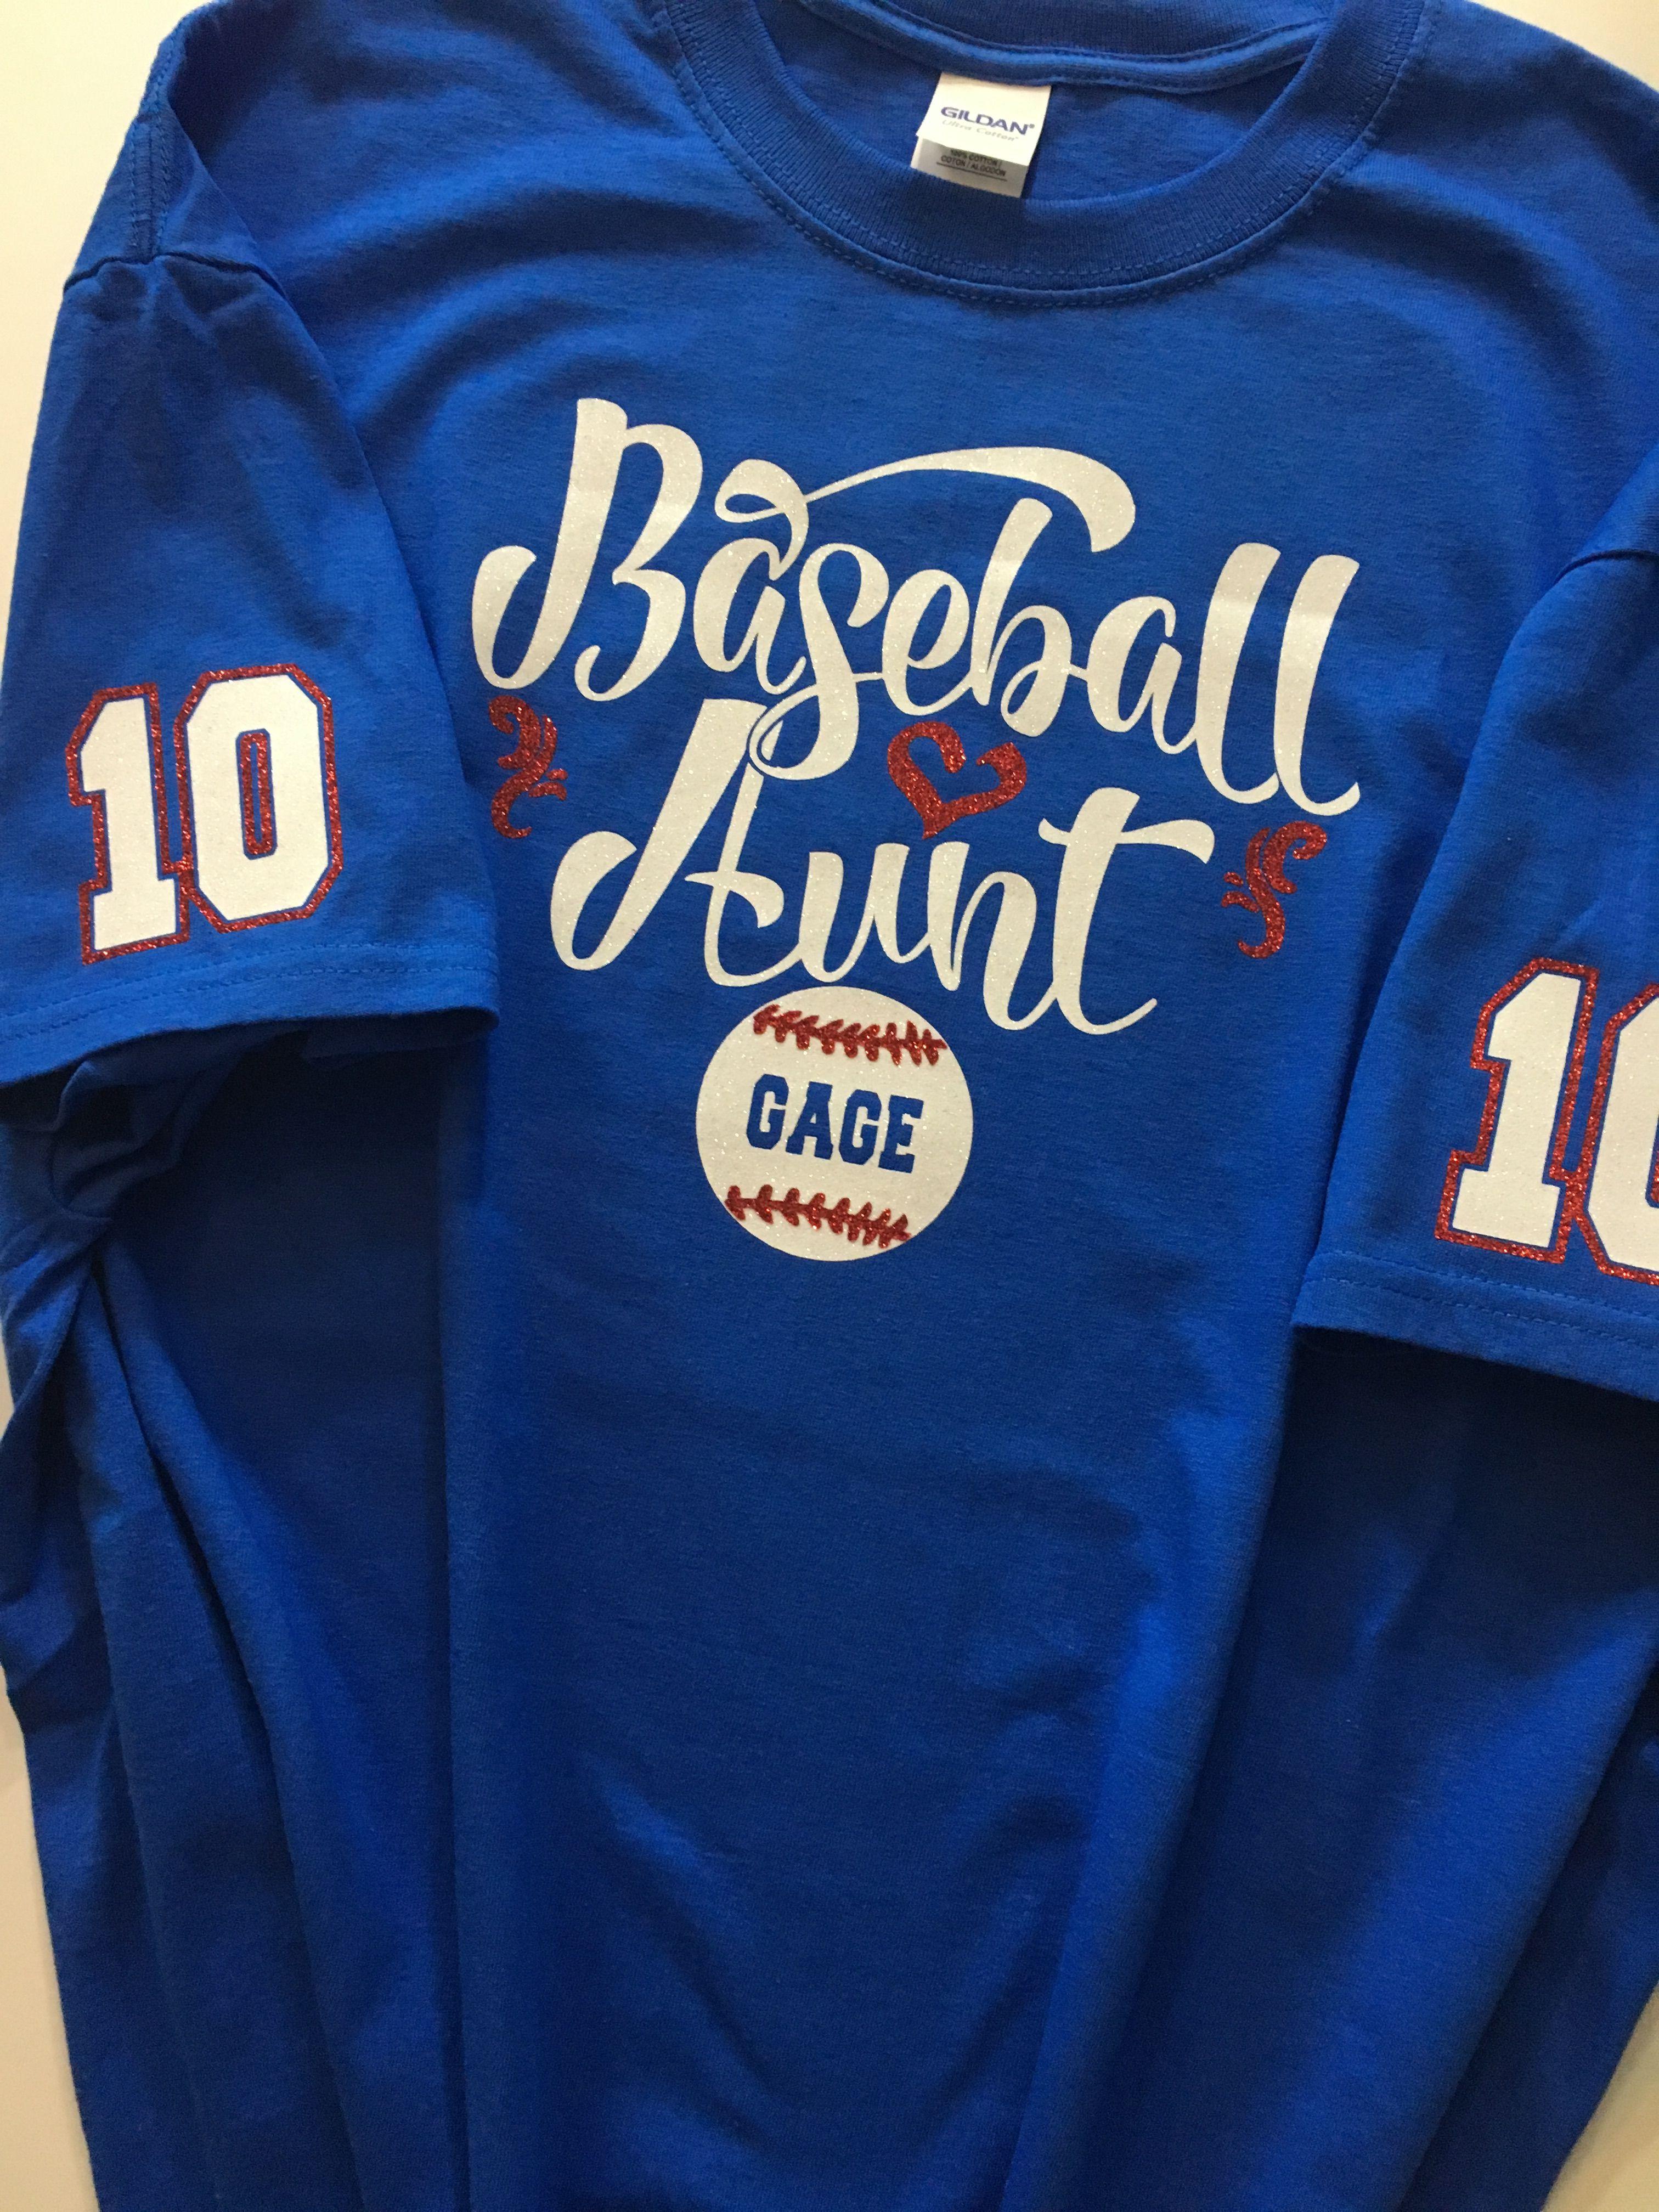 Baseball Aunt Glitter Or Matte Vinyl Shirt Personalized Etsy Workout Shirts Fan Shirts Custom Shirts